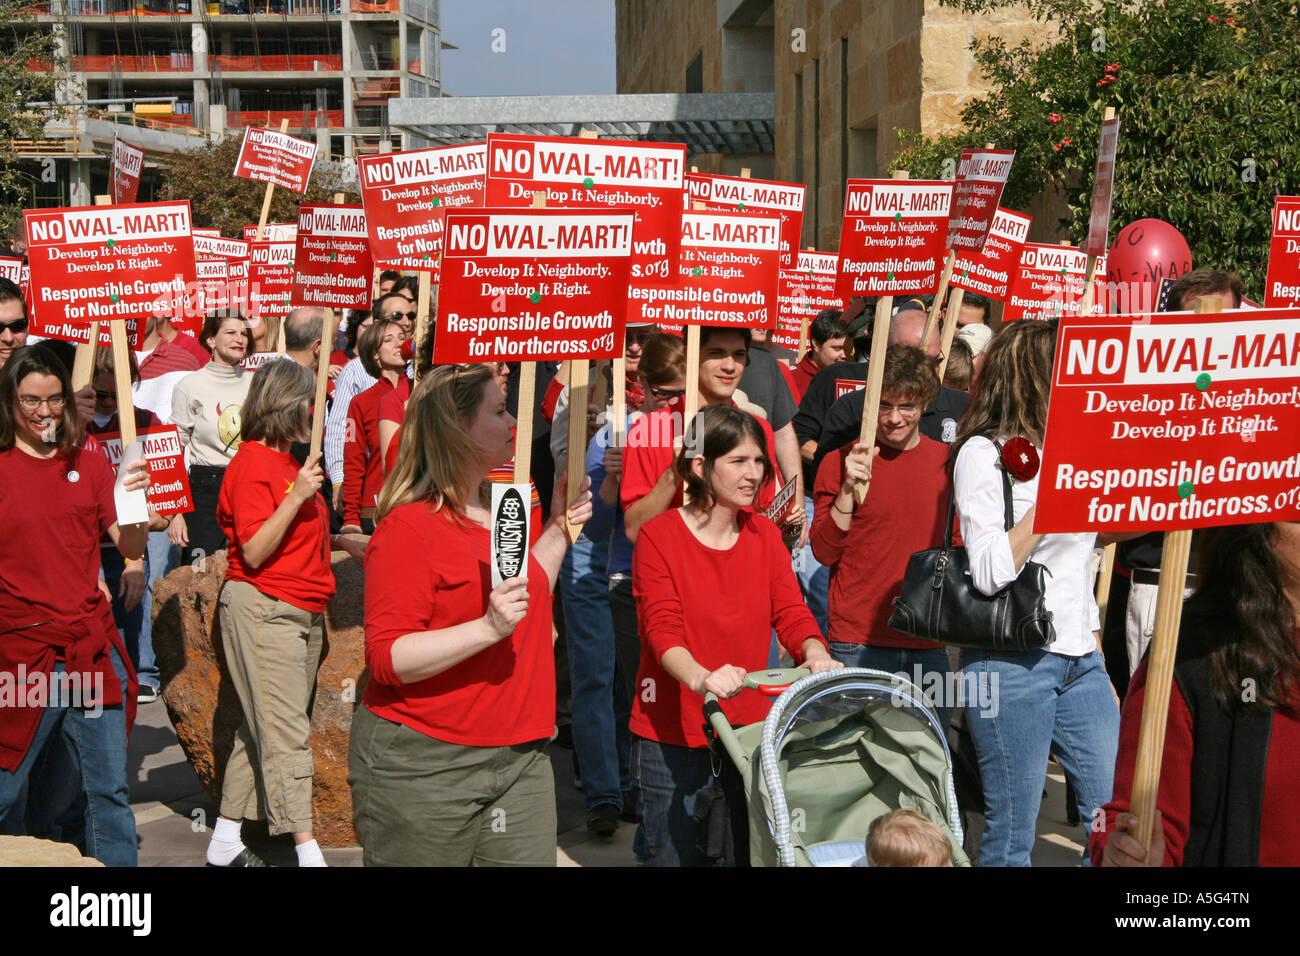 anti-Wal-Mart protestors - Stock Image